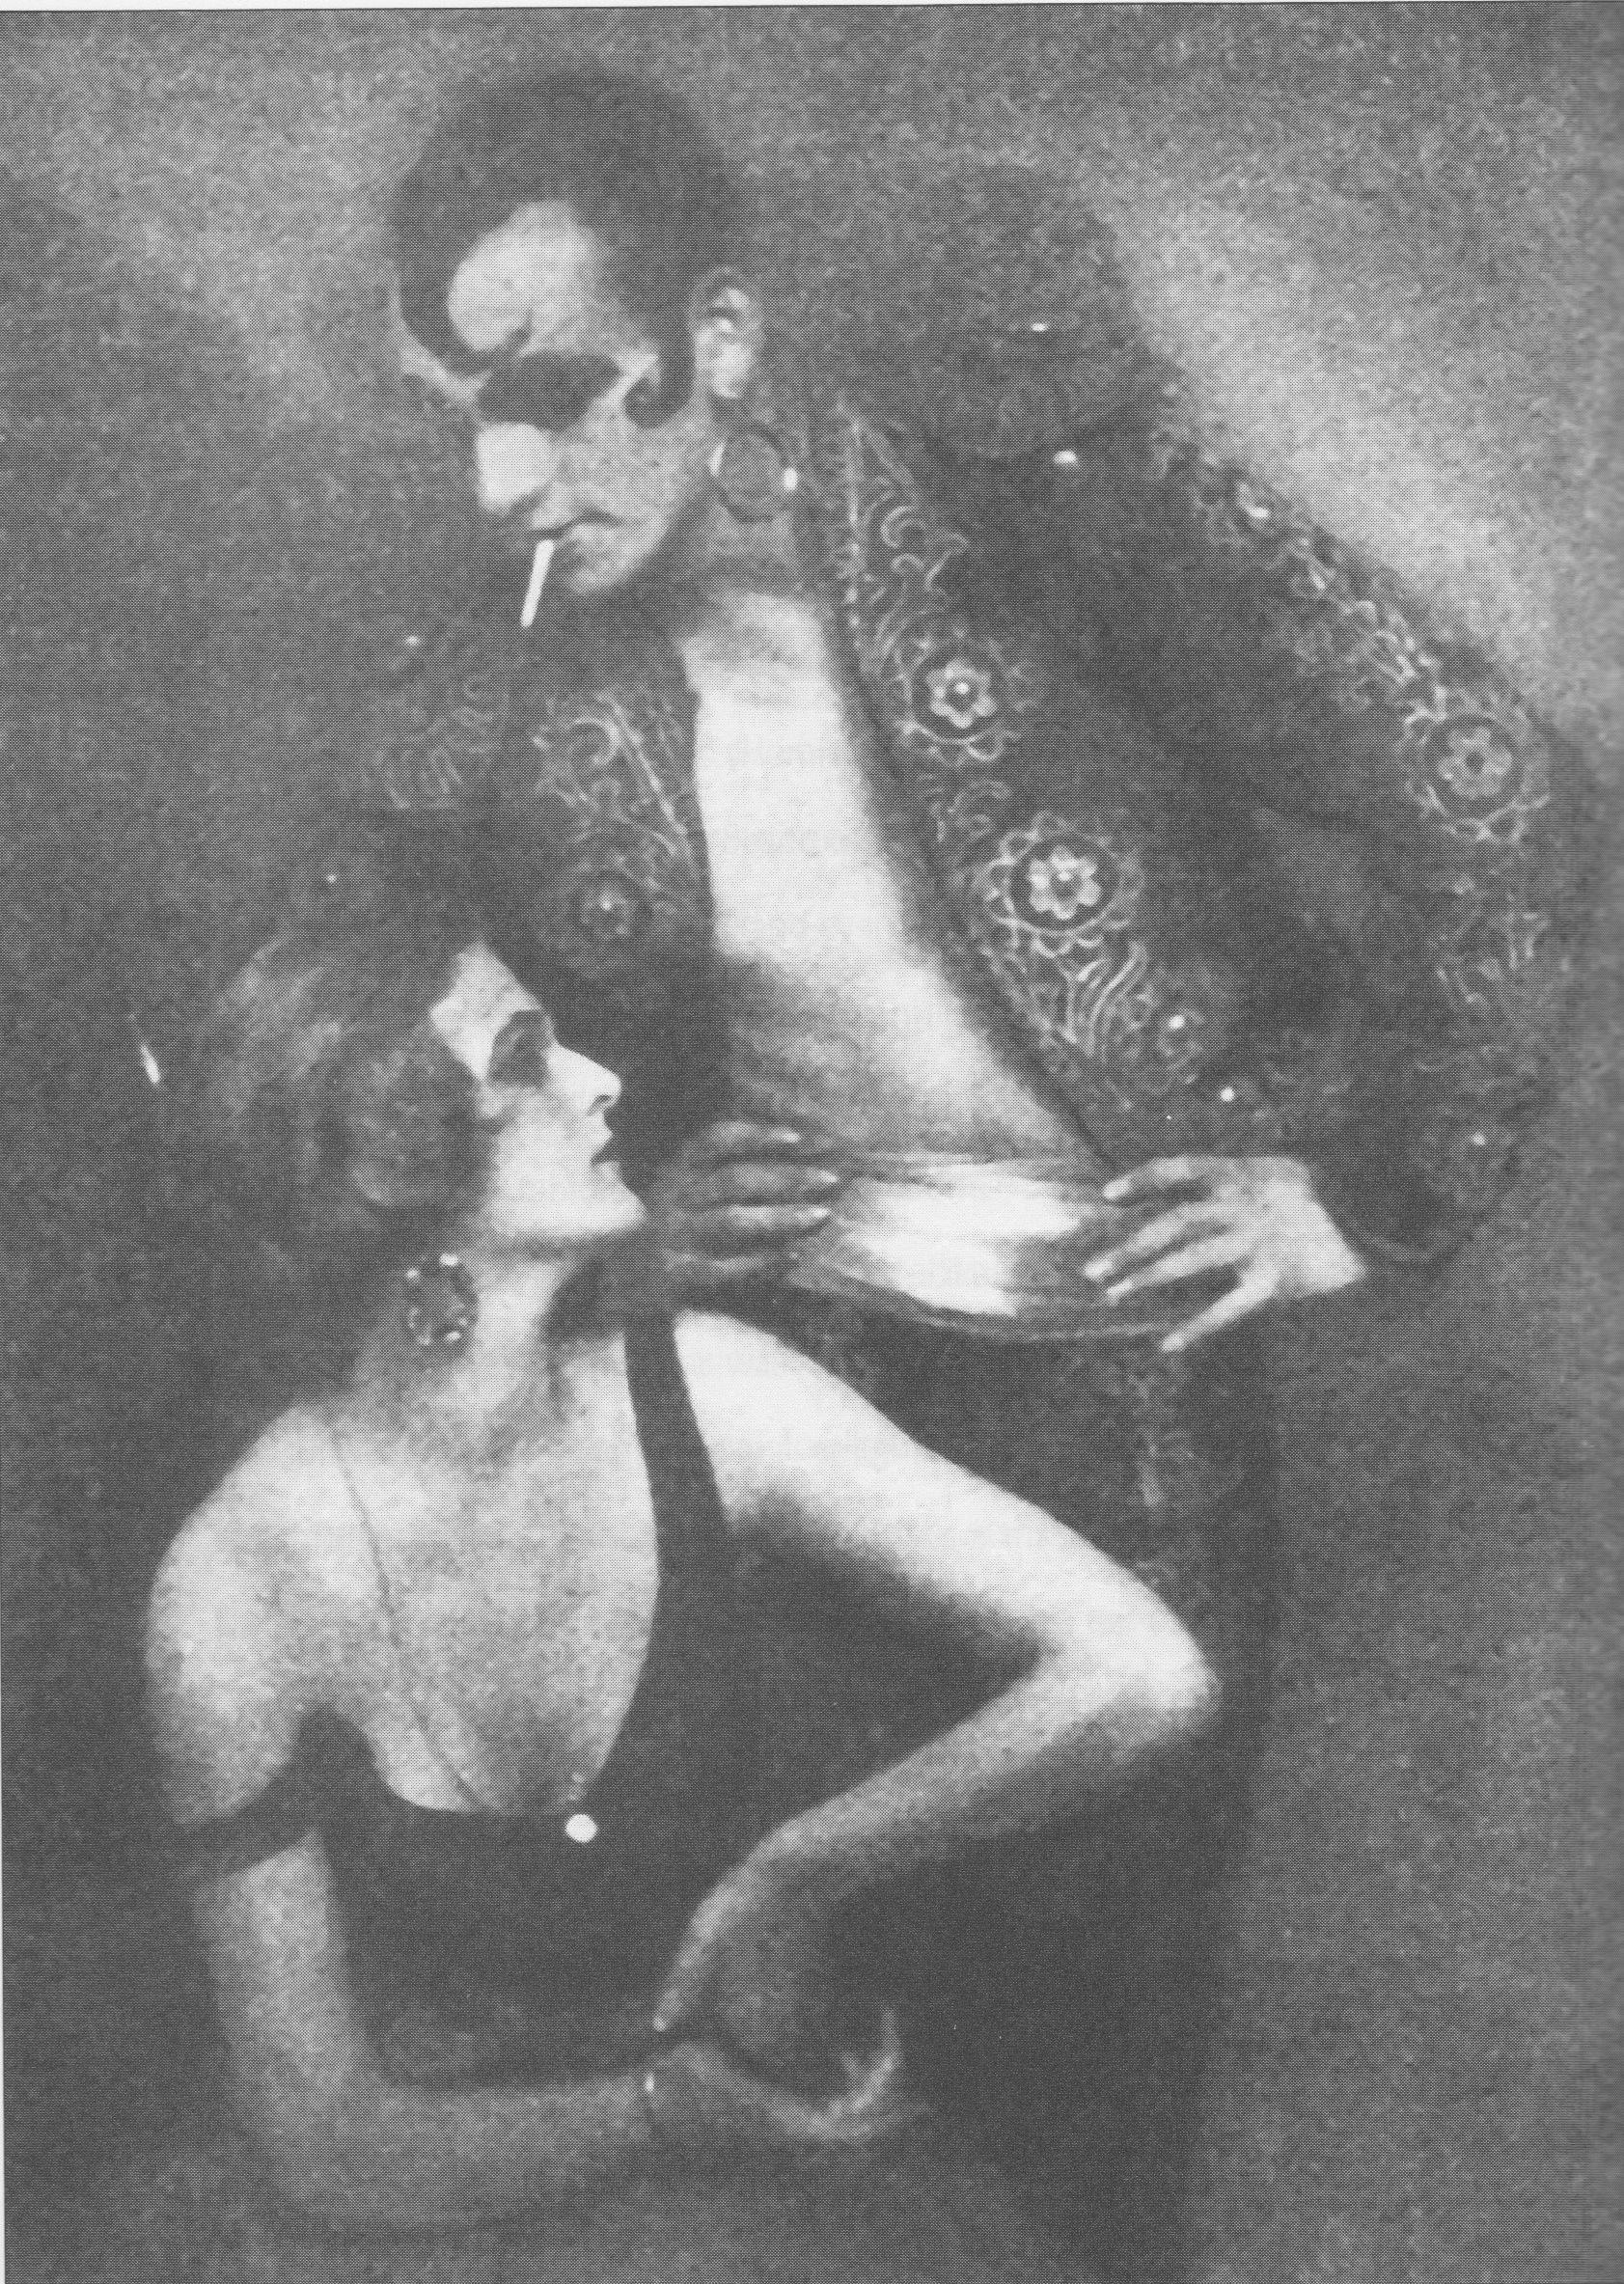 Anita Berber & Sebastian Droste dans Morphine, Atelier Eberth, 1922.